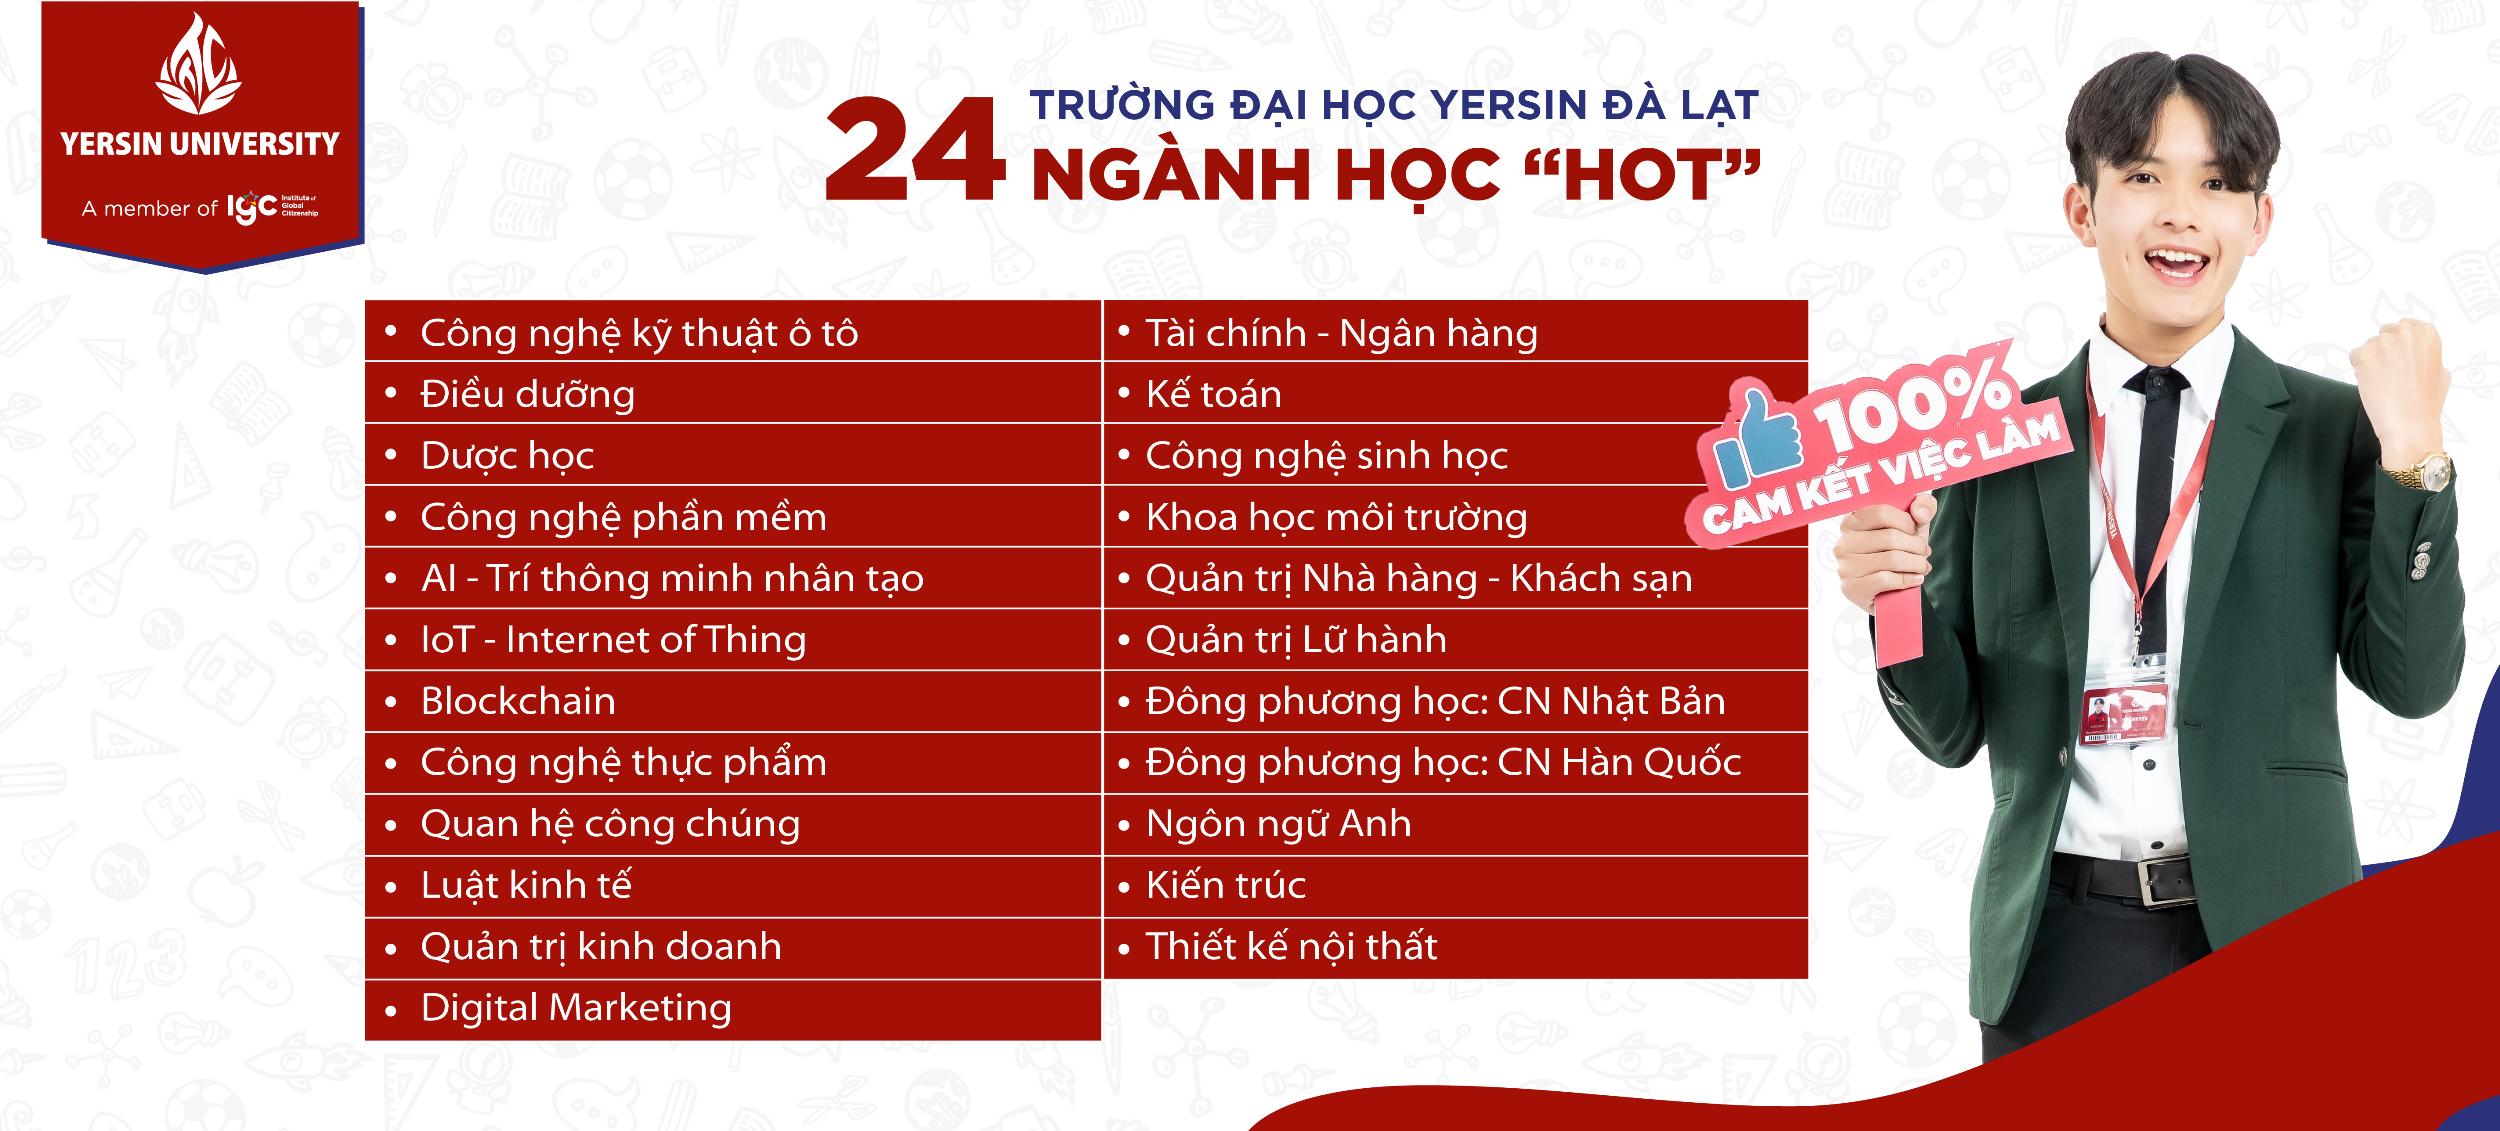 http://admin.yersin.edu.vn//Uploads/files/2021-07/24-nganh-hoc-hot01.jpg